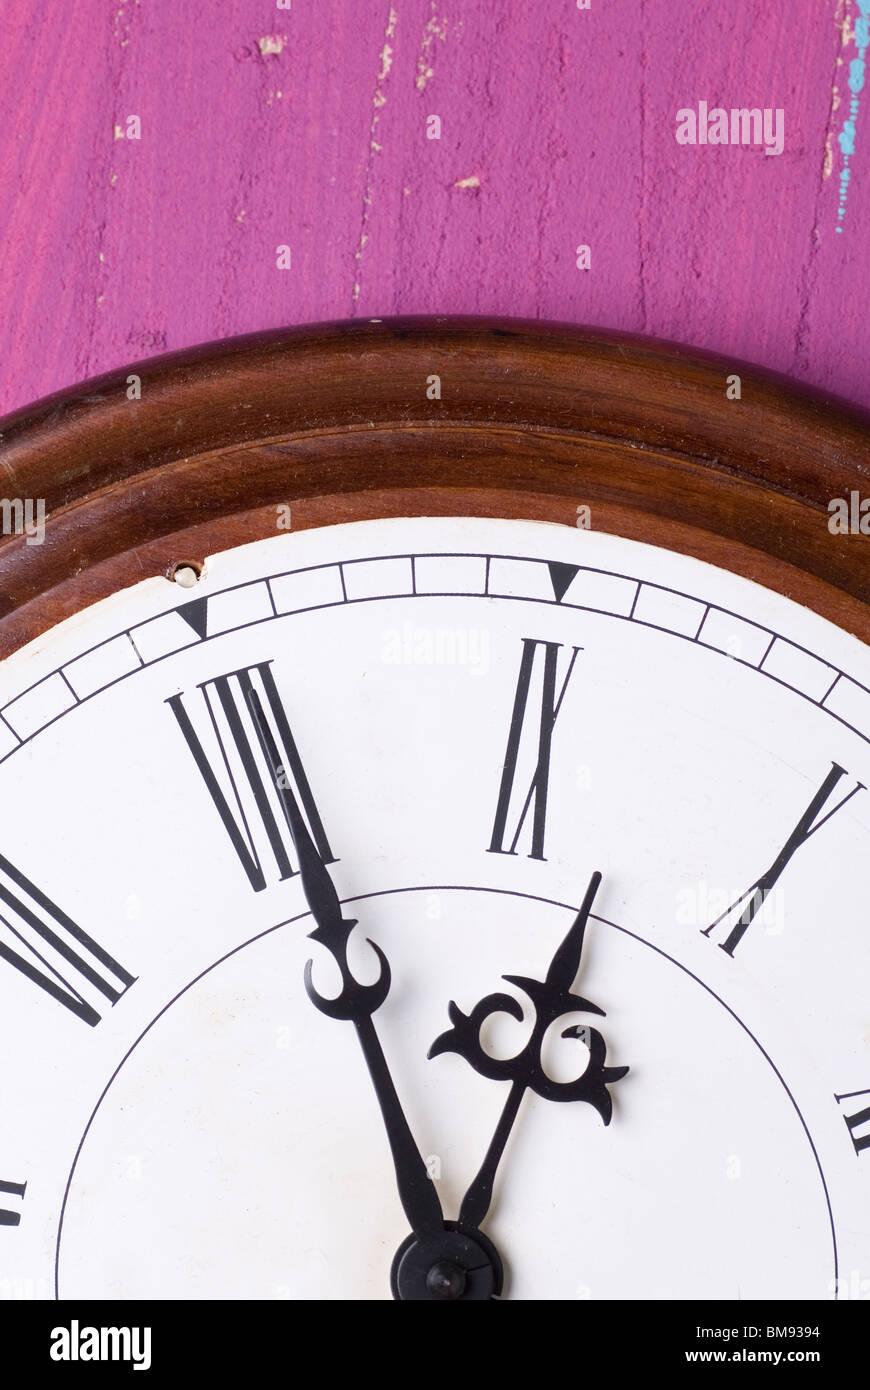 Libre d'une vieille horloge murale Photo Stock